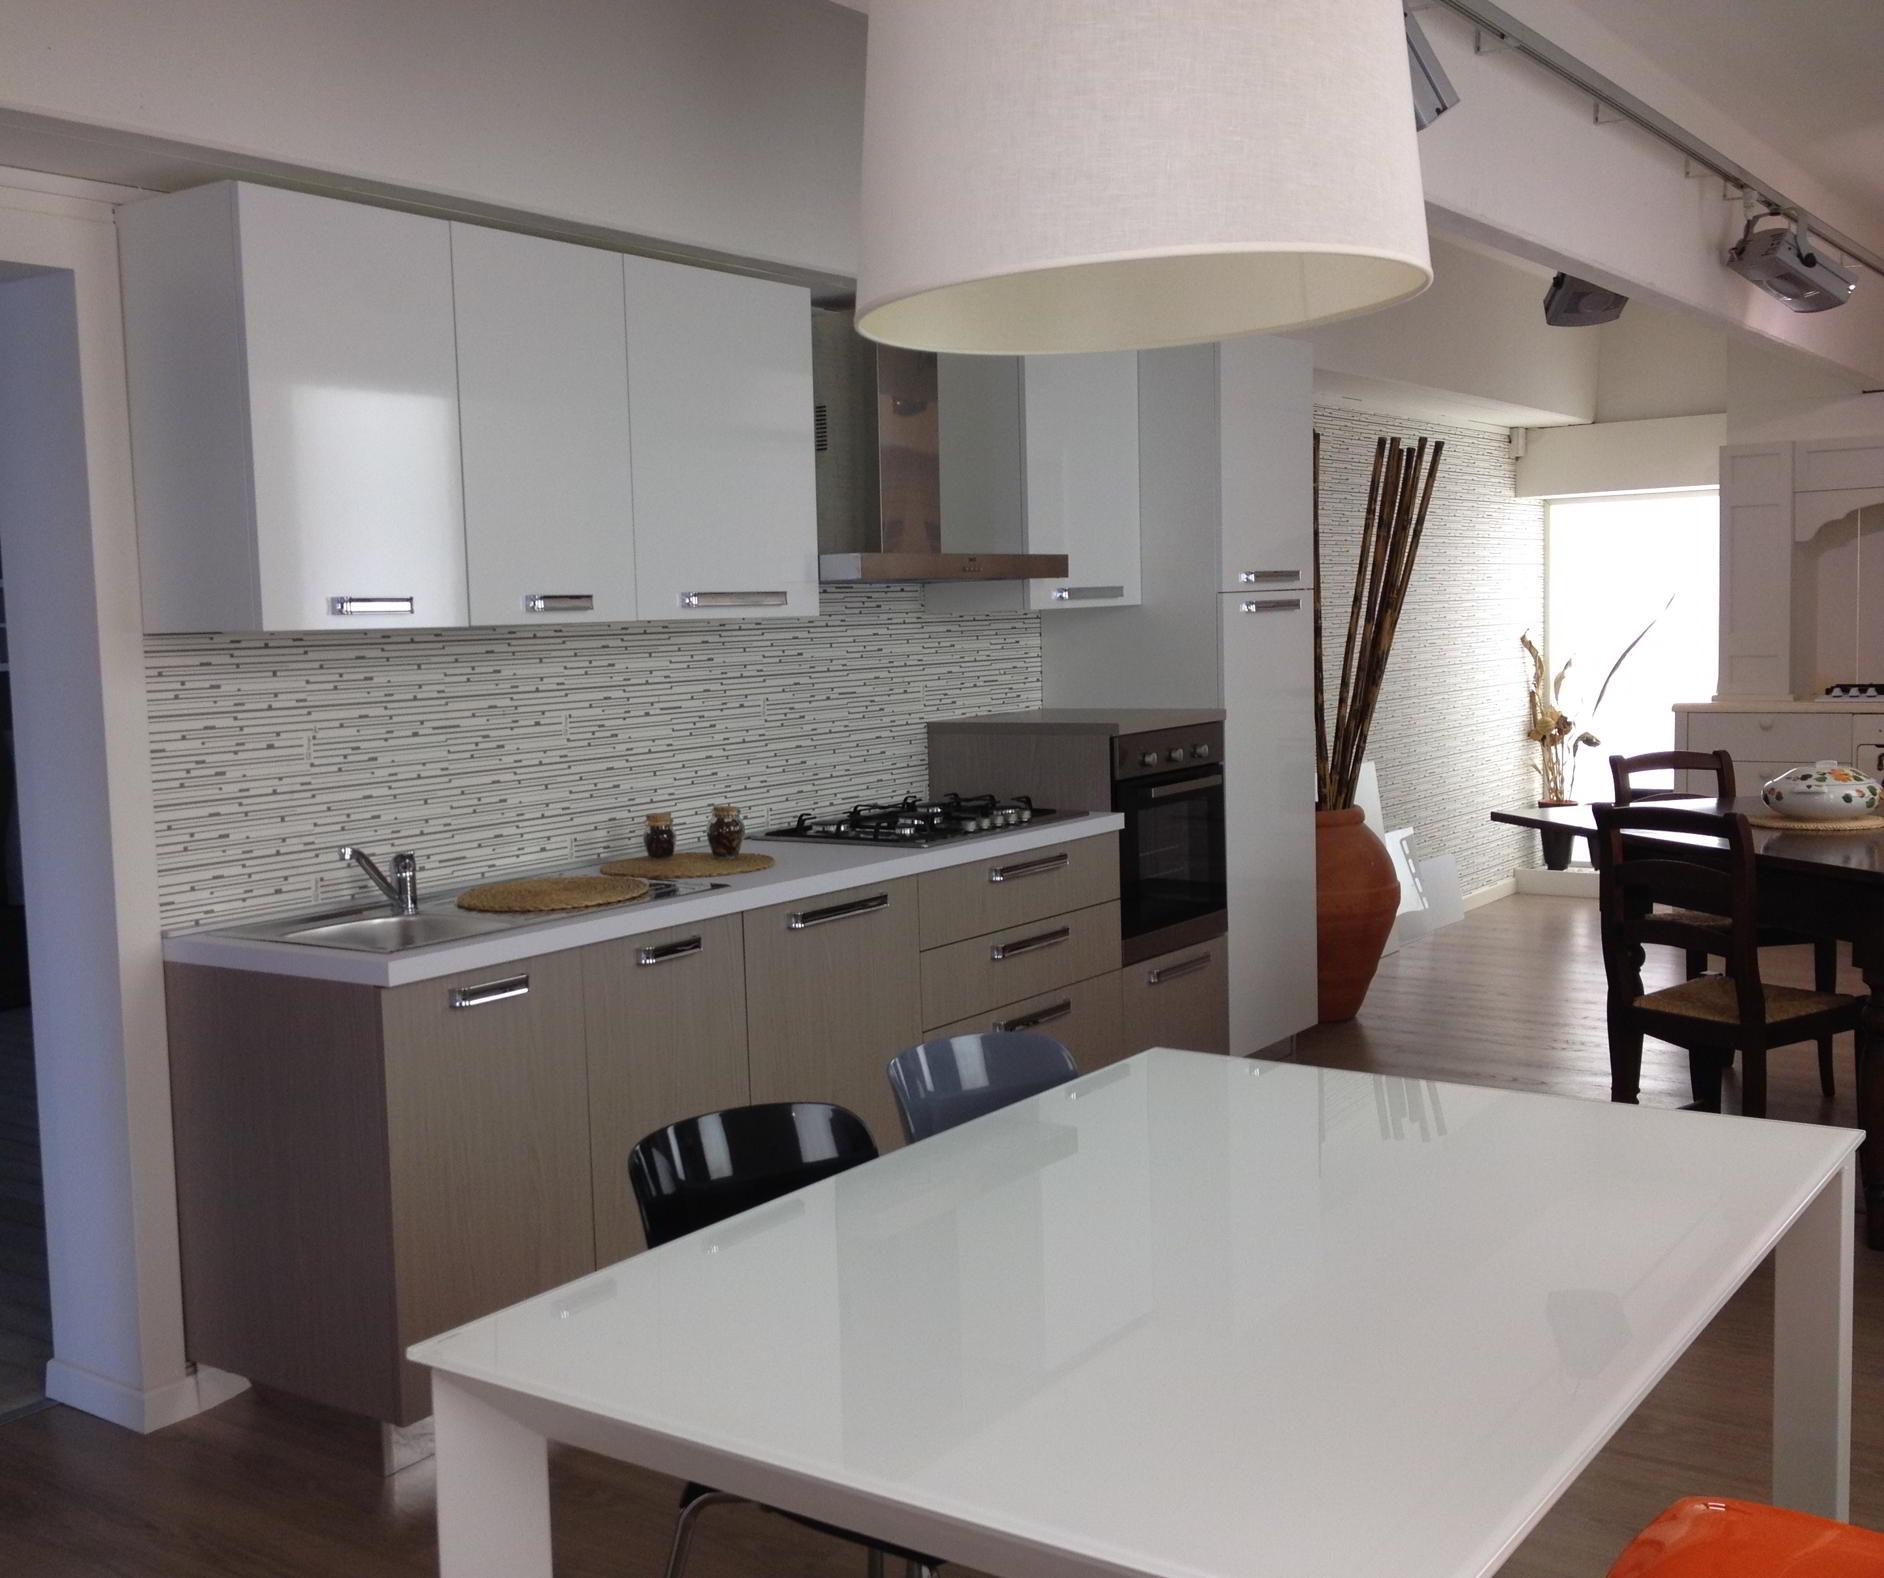 . Progettare Cucine Angolari Piccole. Cucine Ad Angolo Piccole Ikea #B33916 1884 1578 Cucine Piccole Ikea